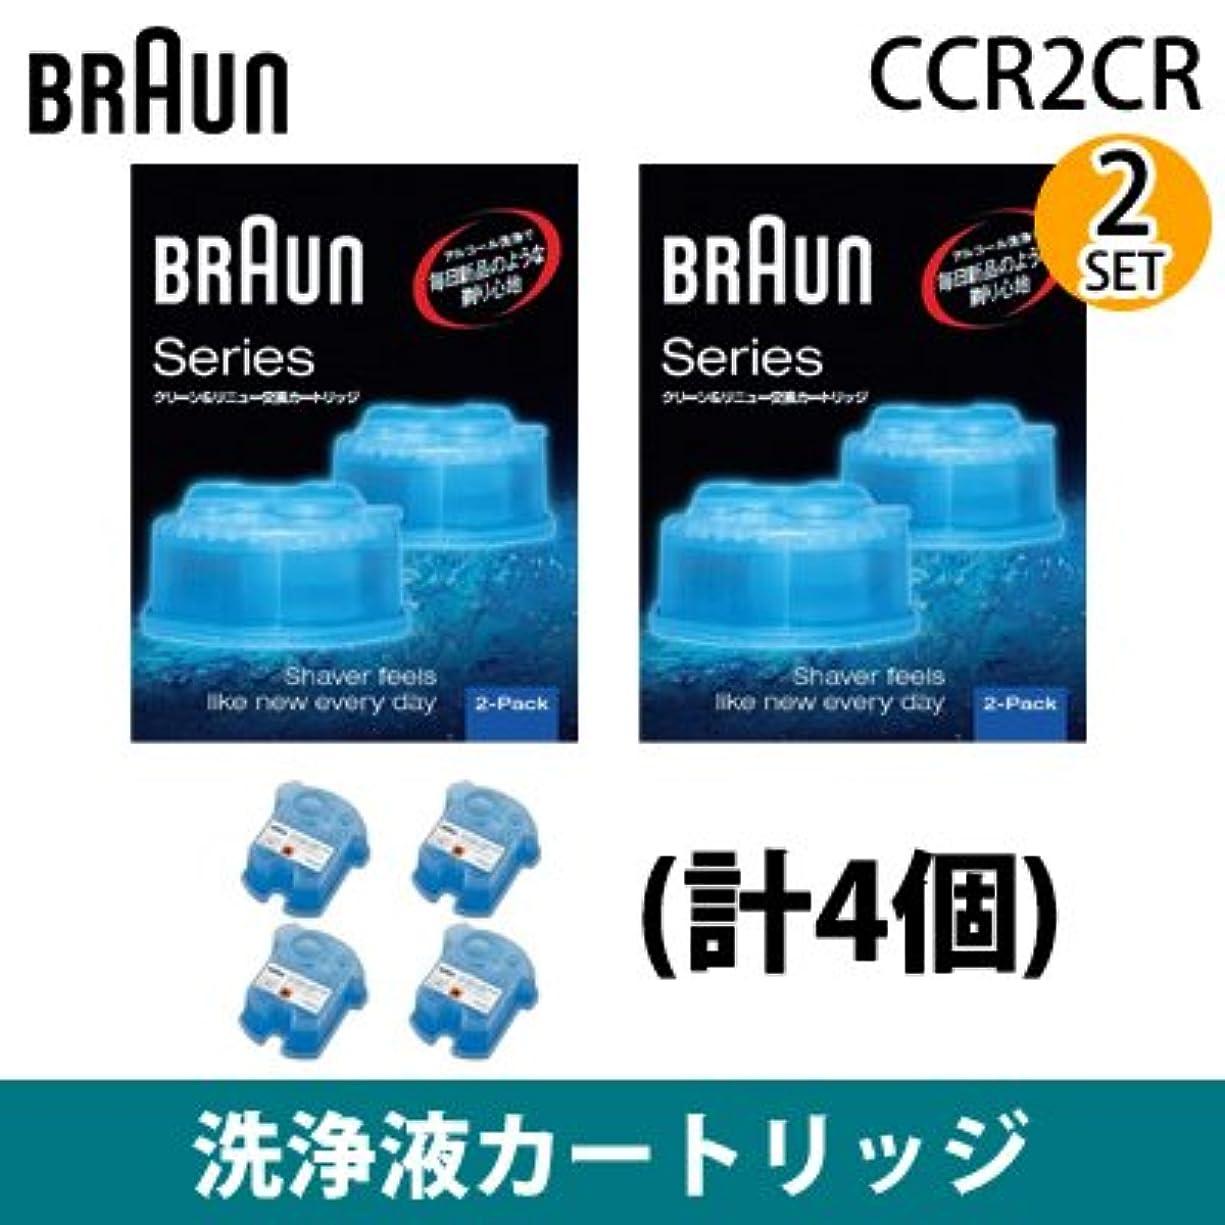 確認してください物理的に悲惨な【2セット】ブラウン メンズシェーバー アルコール洗浄システム専用洗浄液カートリッジ (2個入×2セット)(計4個) CCR2CR-2SET